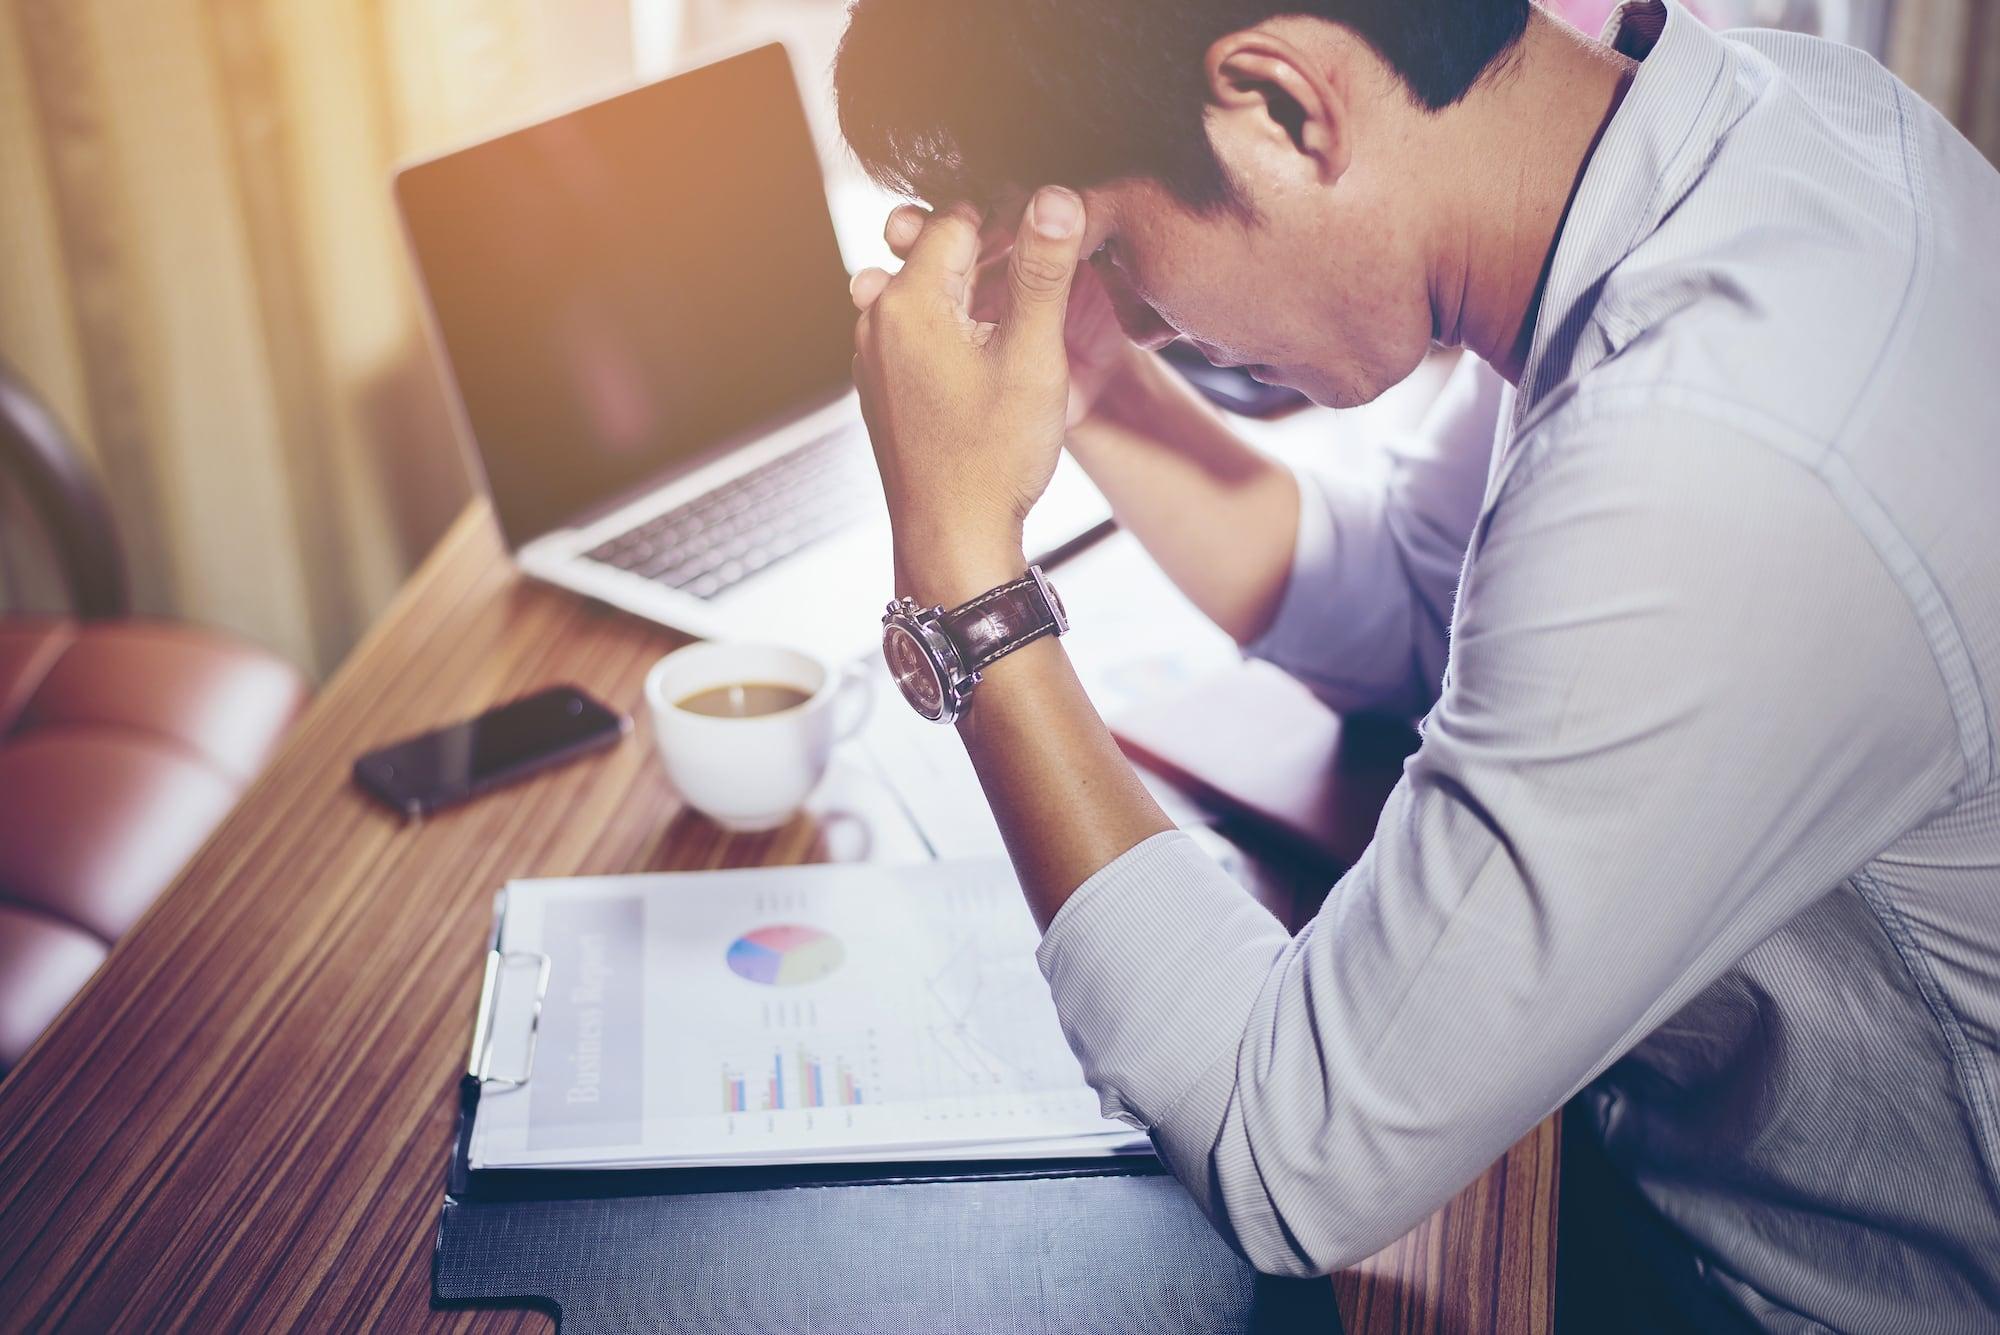 Vì sao lúc nào cũng thấy buồn ngủ trong giờ làm? - Vietcetera